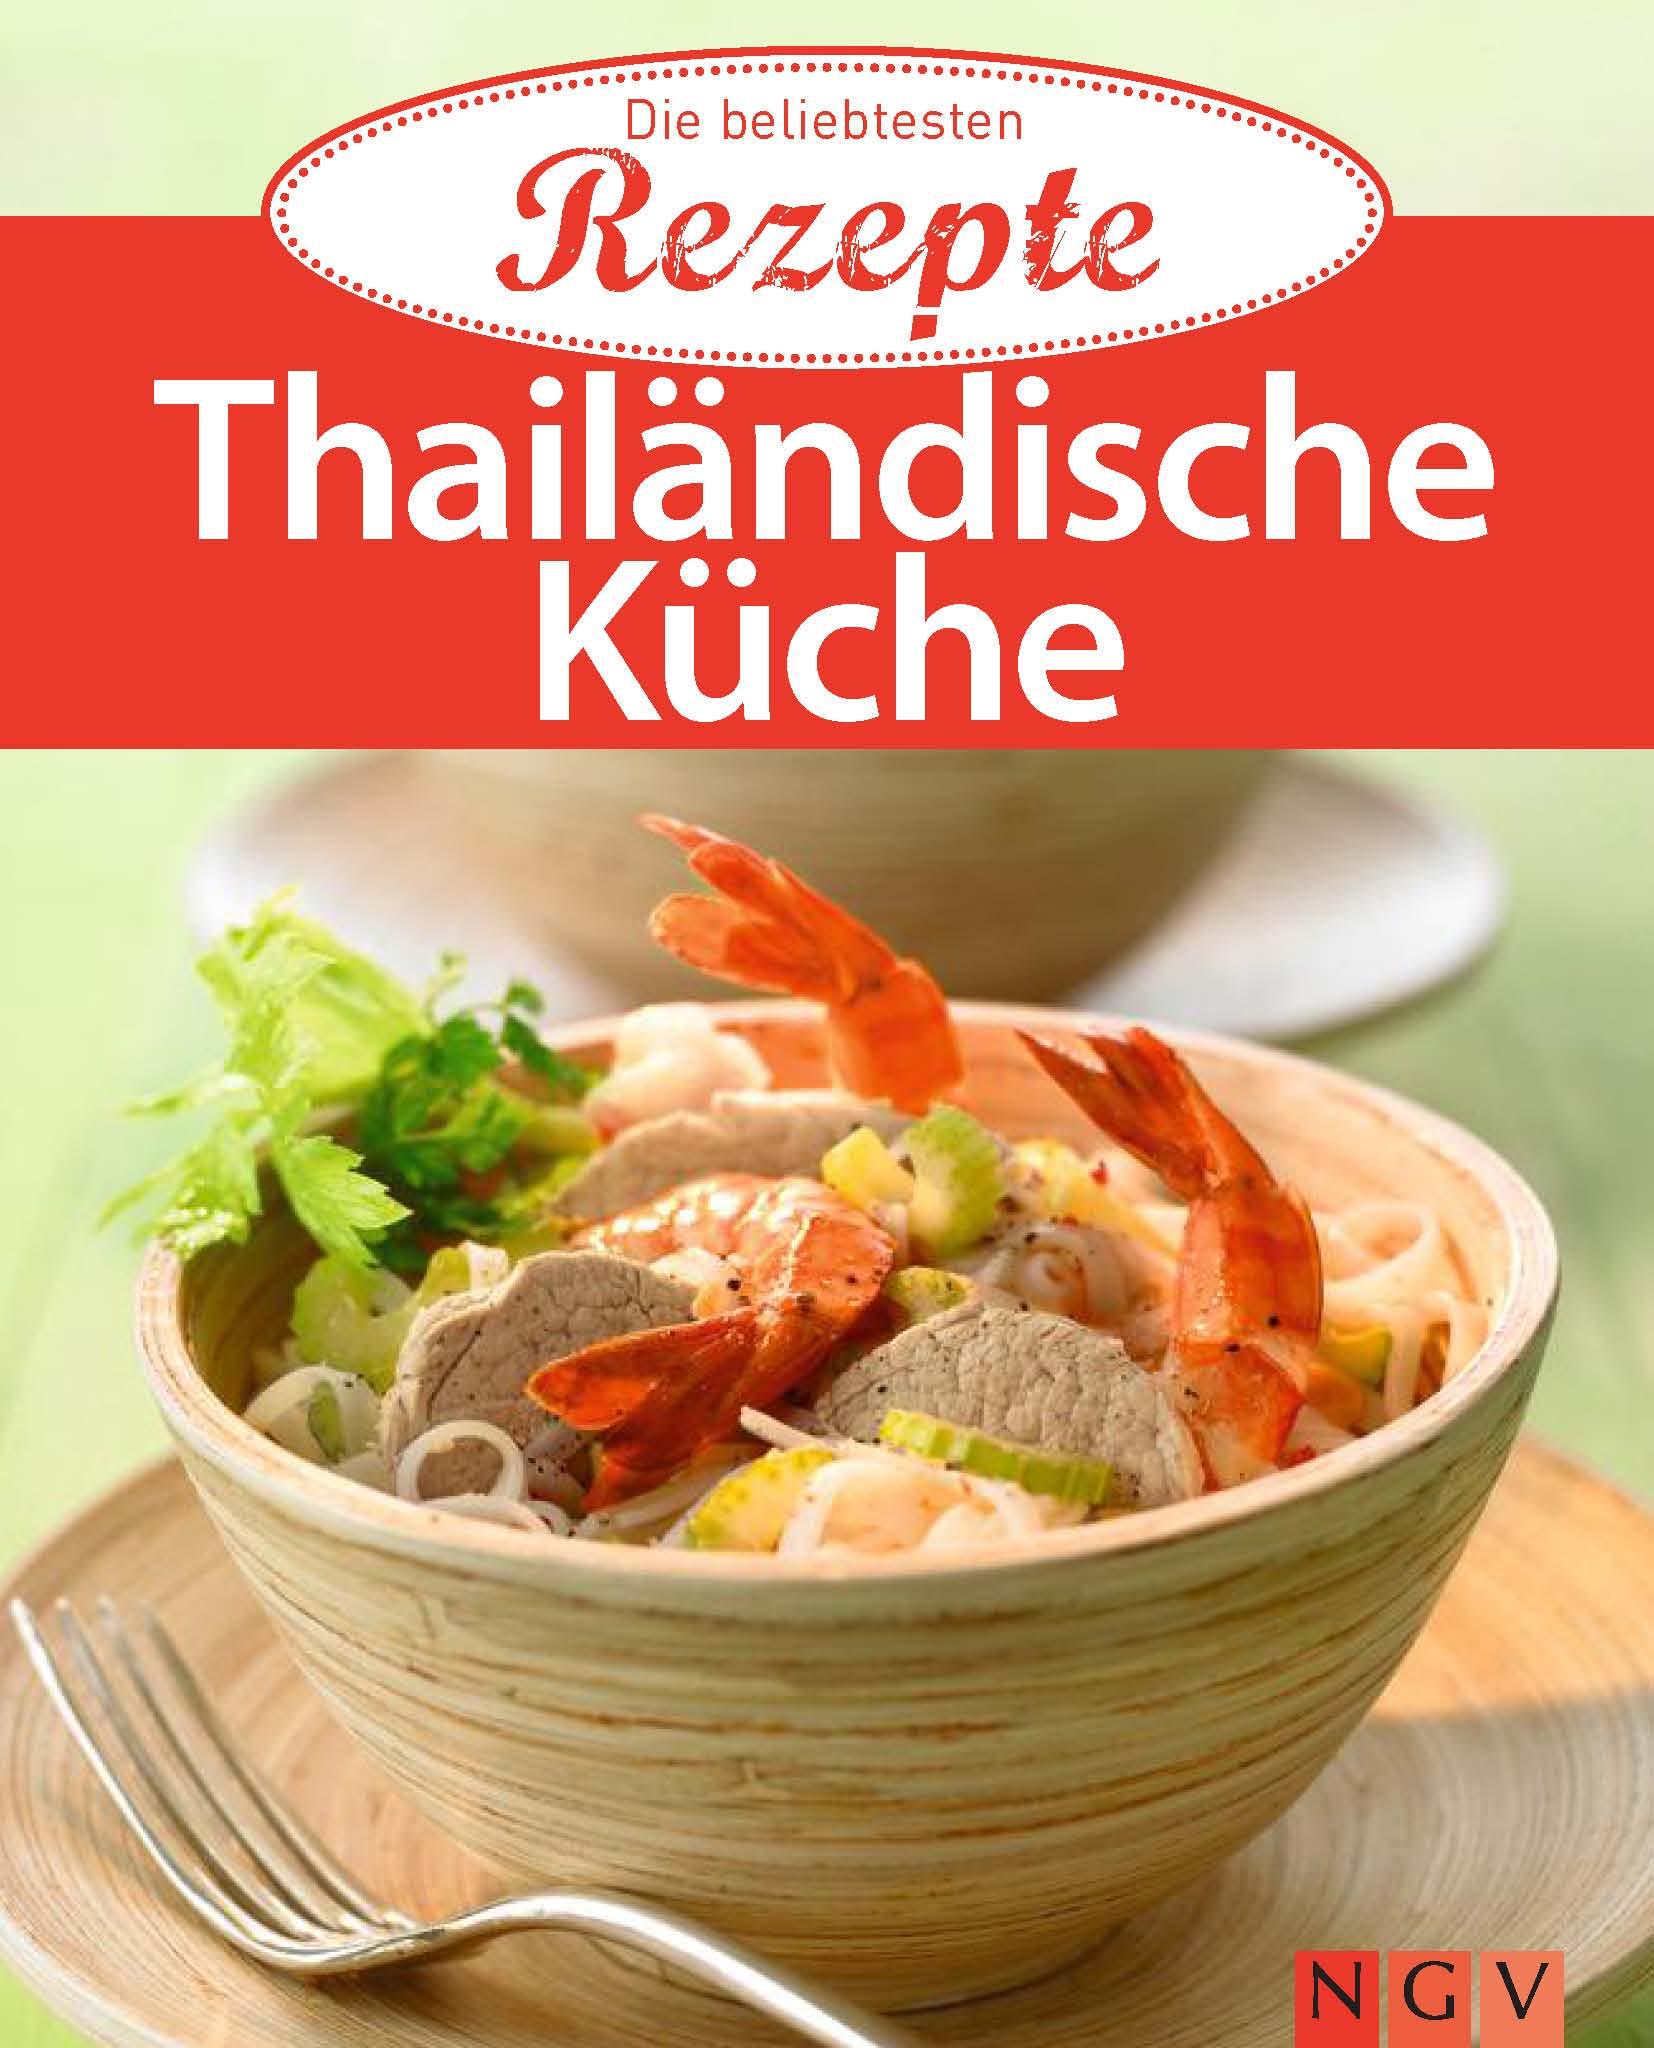 Thailändische Küche - Die beliebtesten Rezepte - NGV - Naumann ...